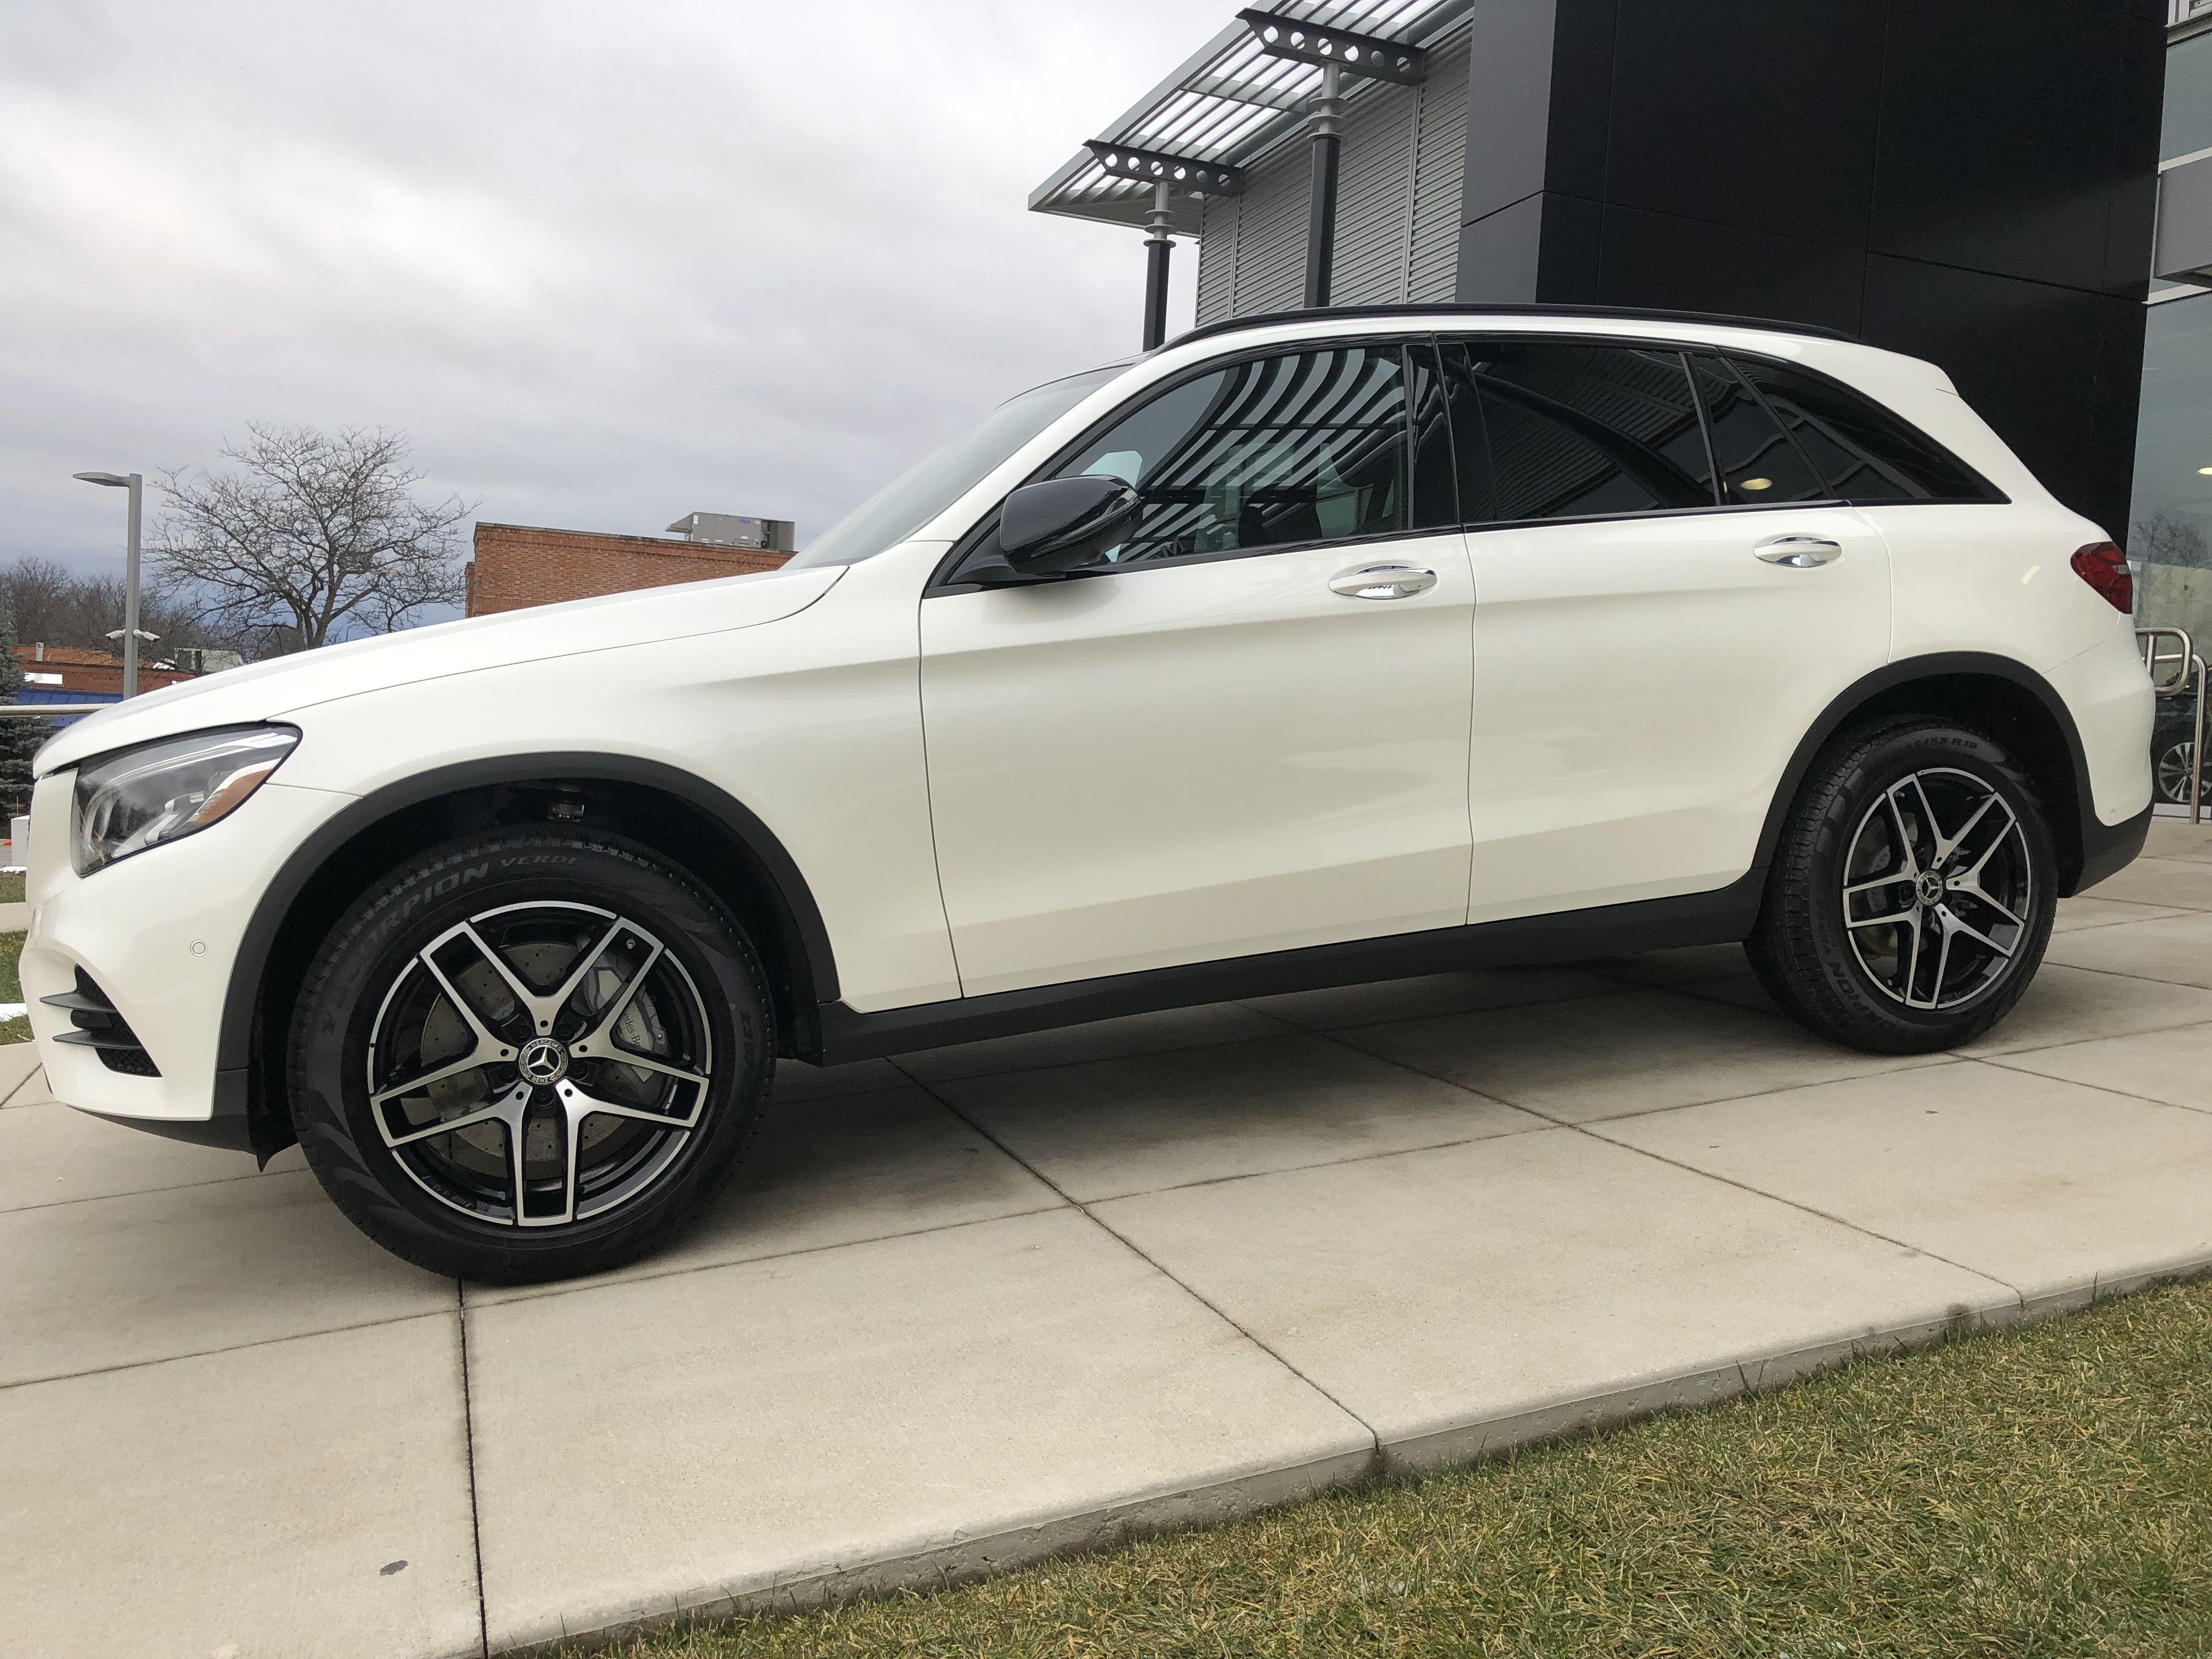 Glc300 2019 Mercedes Car Dream Cars Future Car